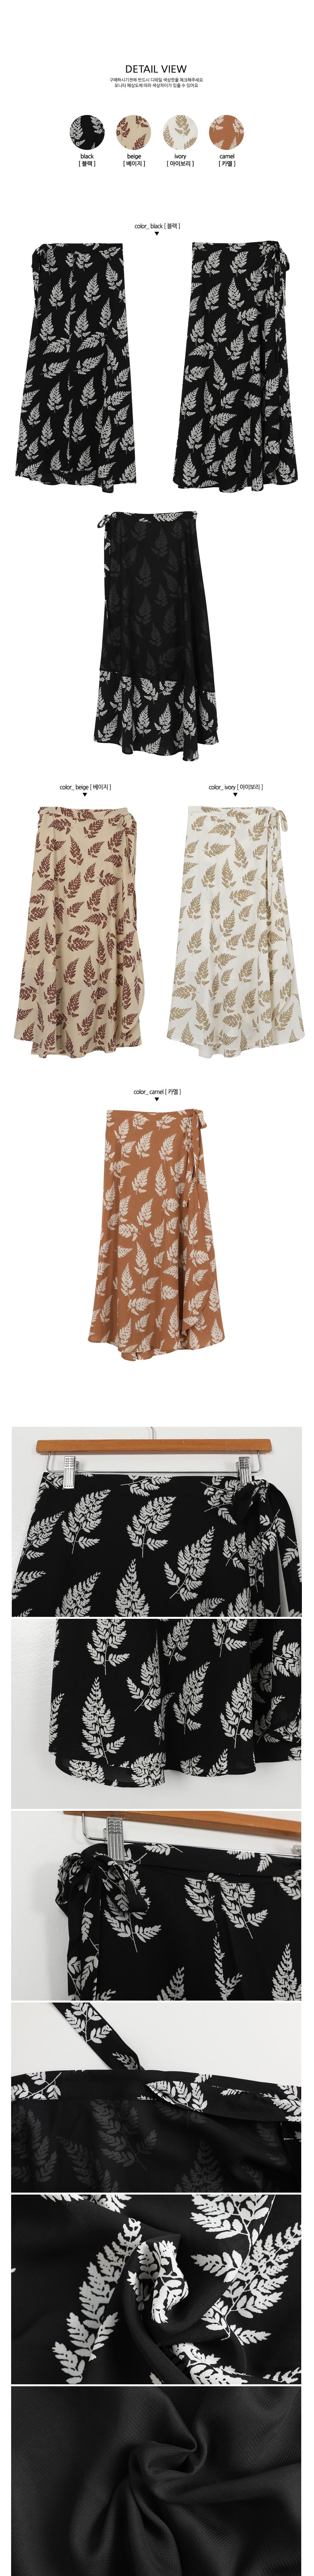 Maroni lapel skirt